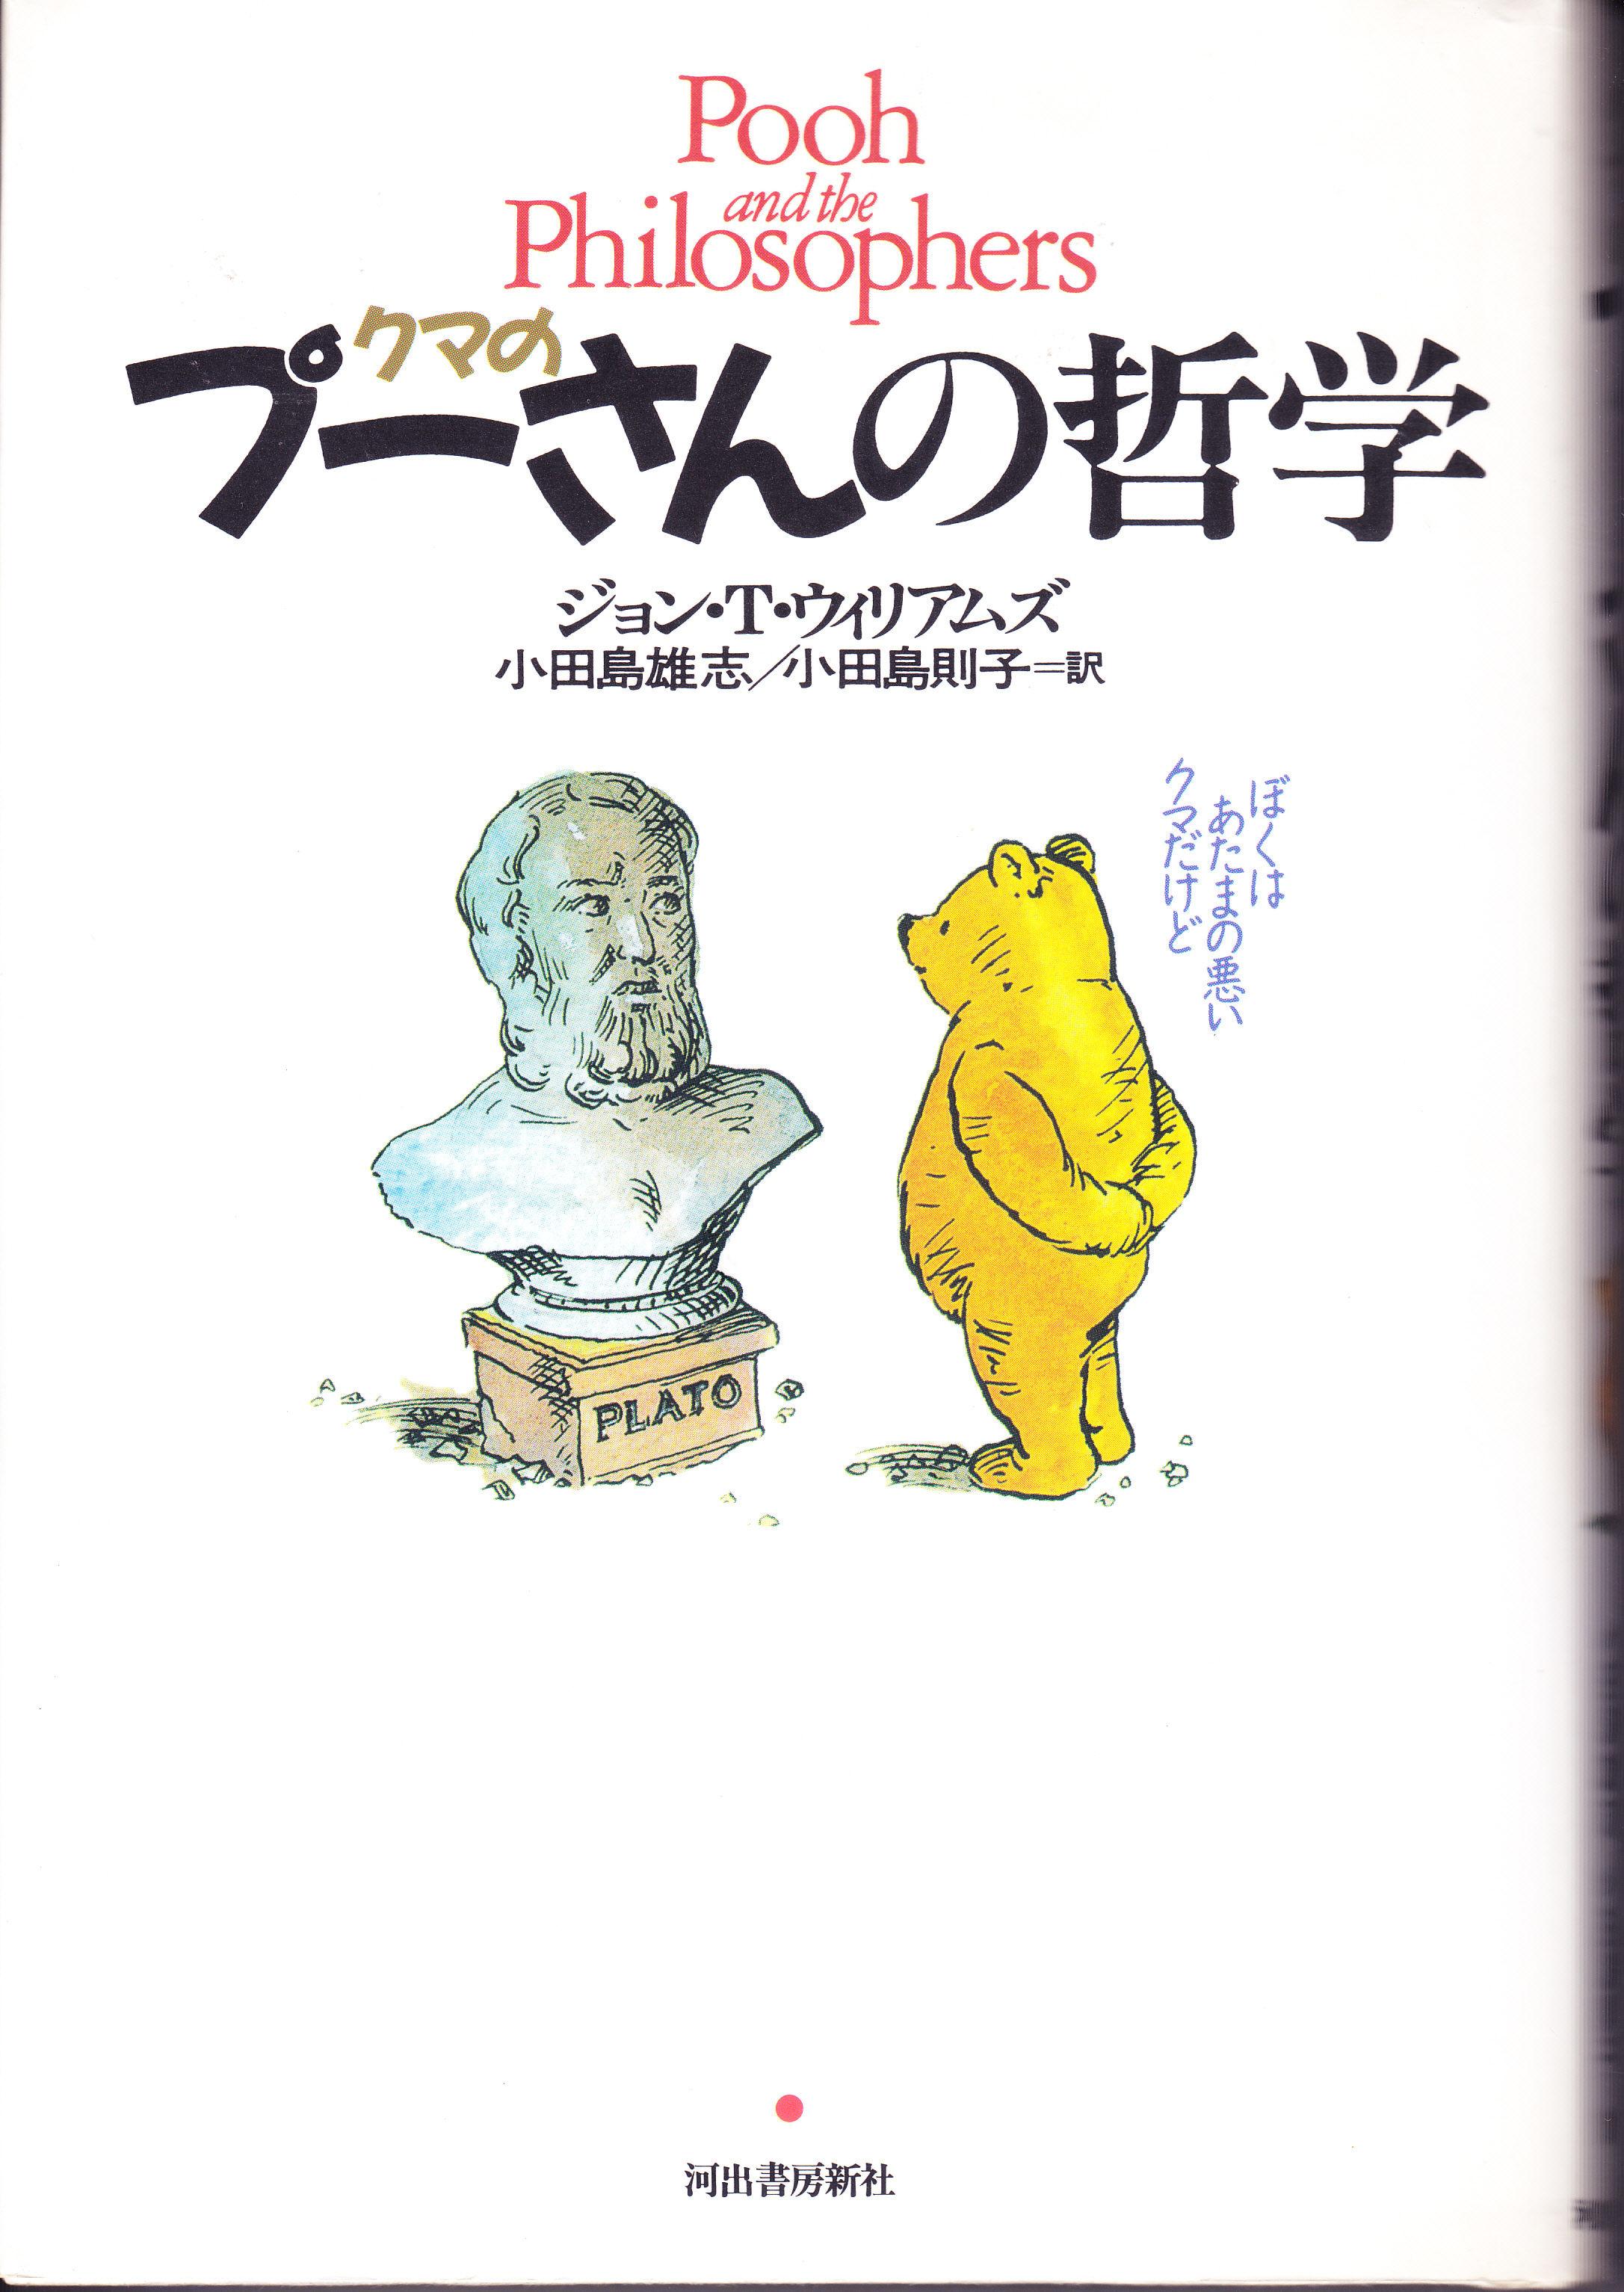 クマのプーさんの哲学